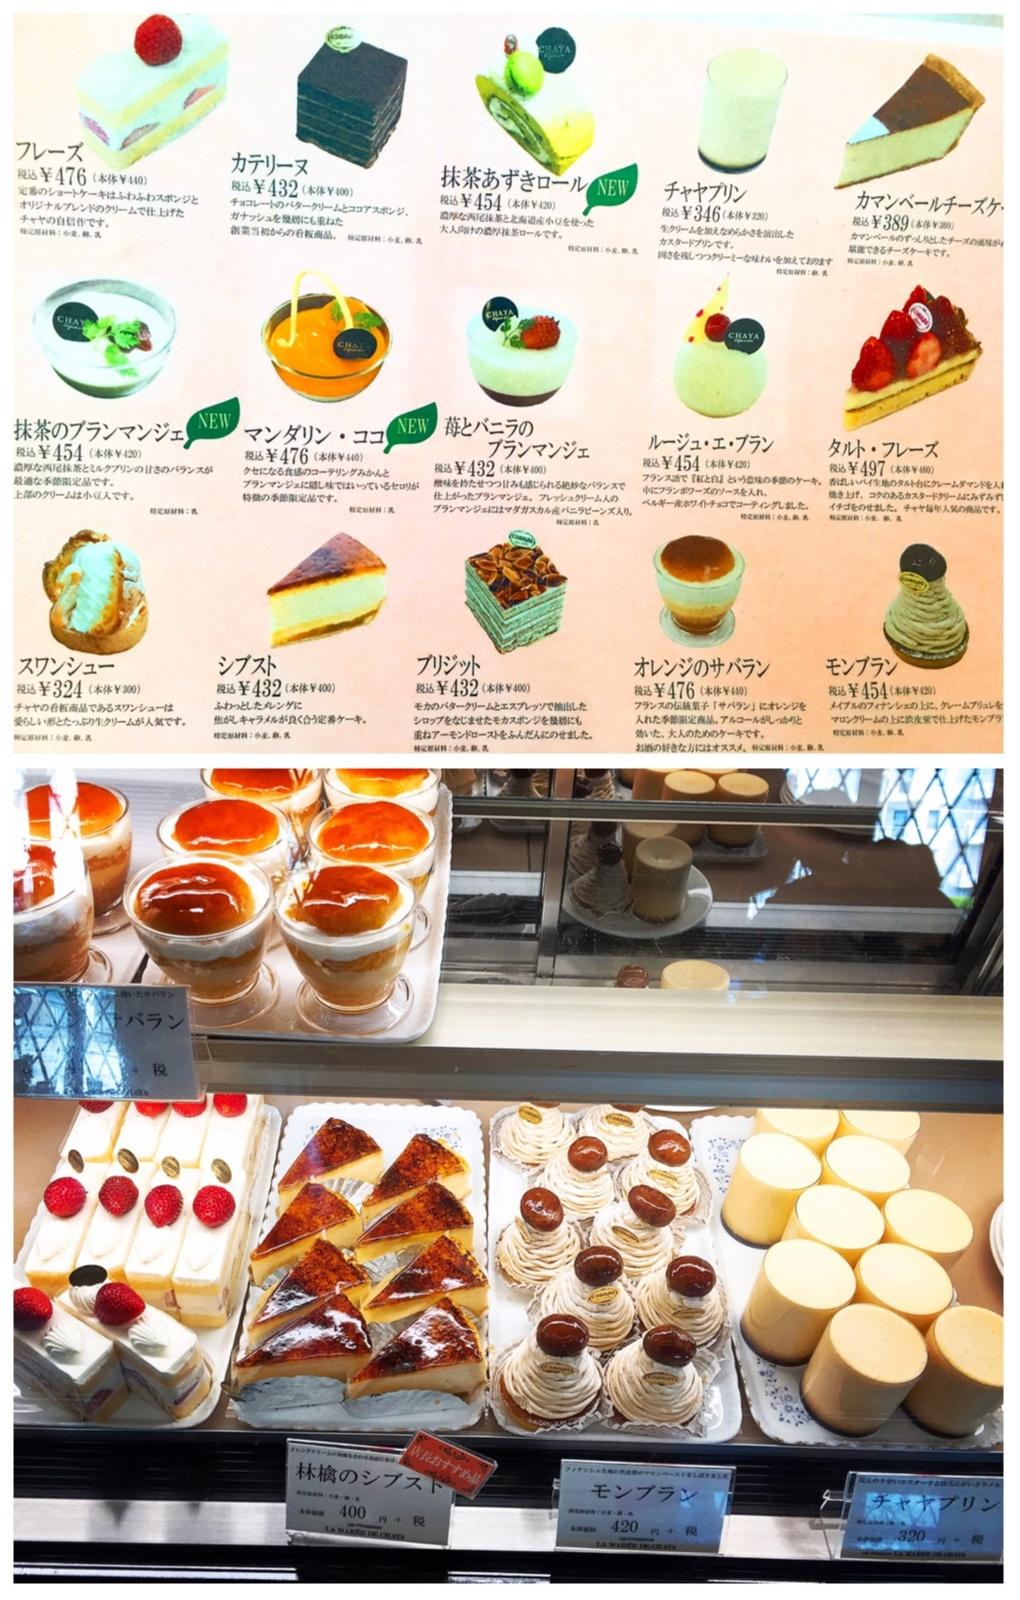 【神奈川・葉山本店】パティスリー ラ・マーレ・ド・チャヤ♡葉山本店限定&新作ケーキを食べました♩≪samenyan≫ _3